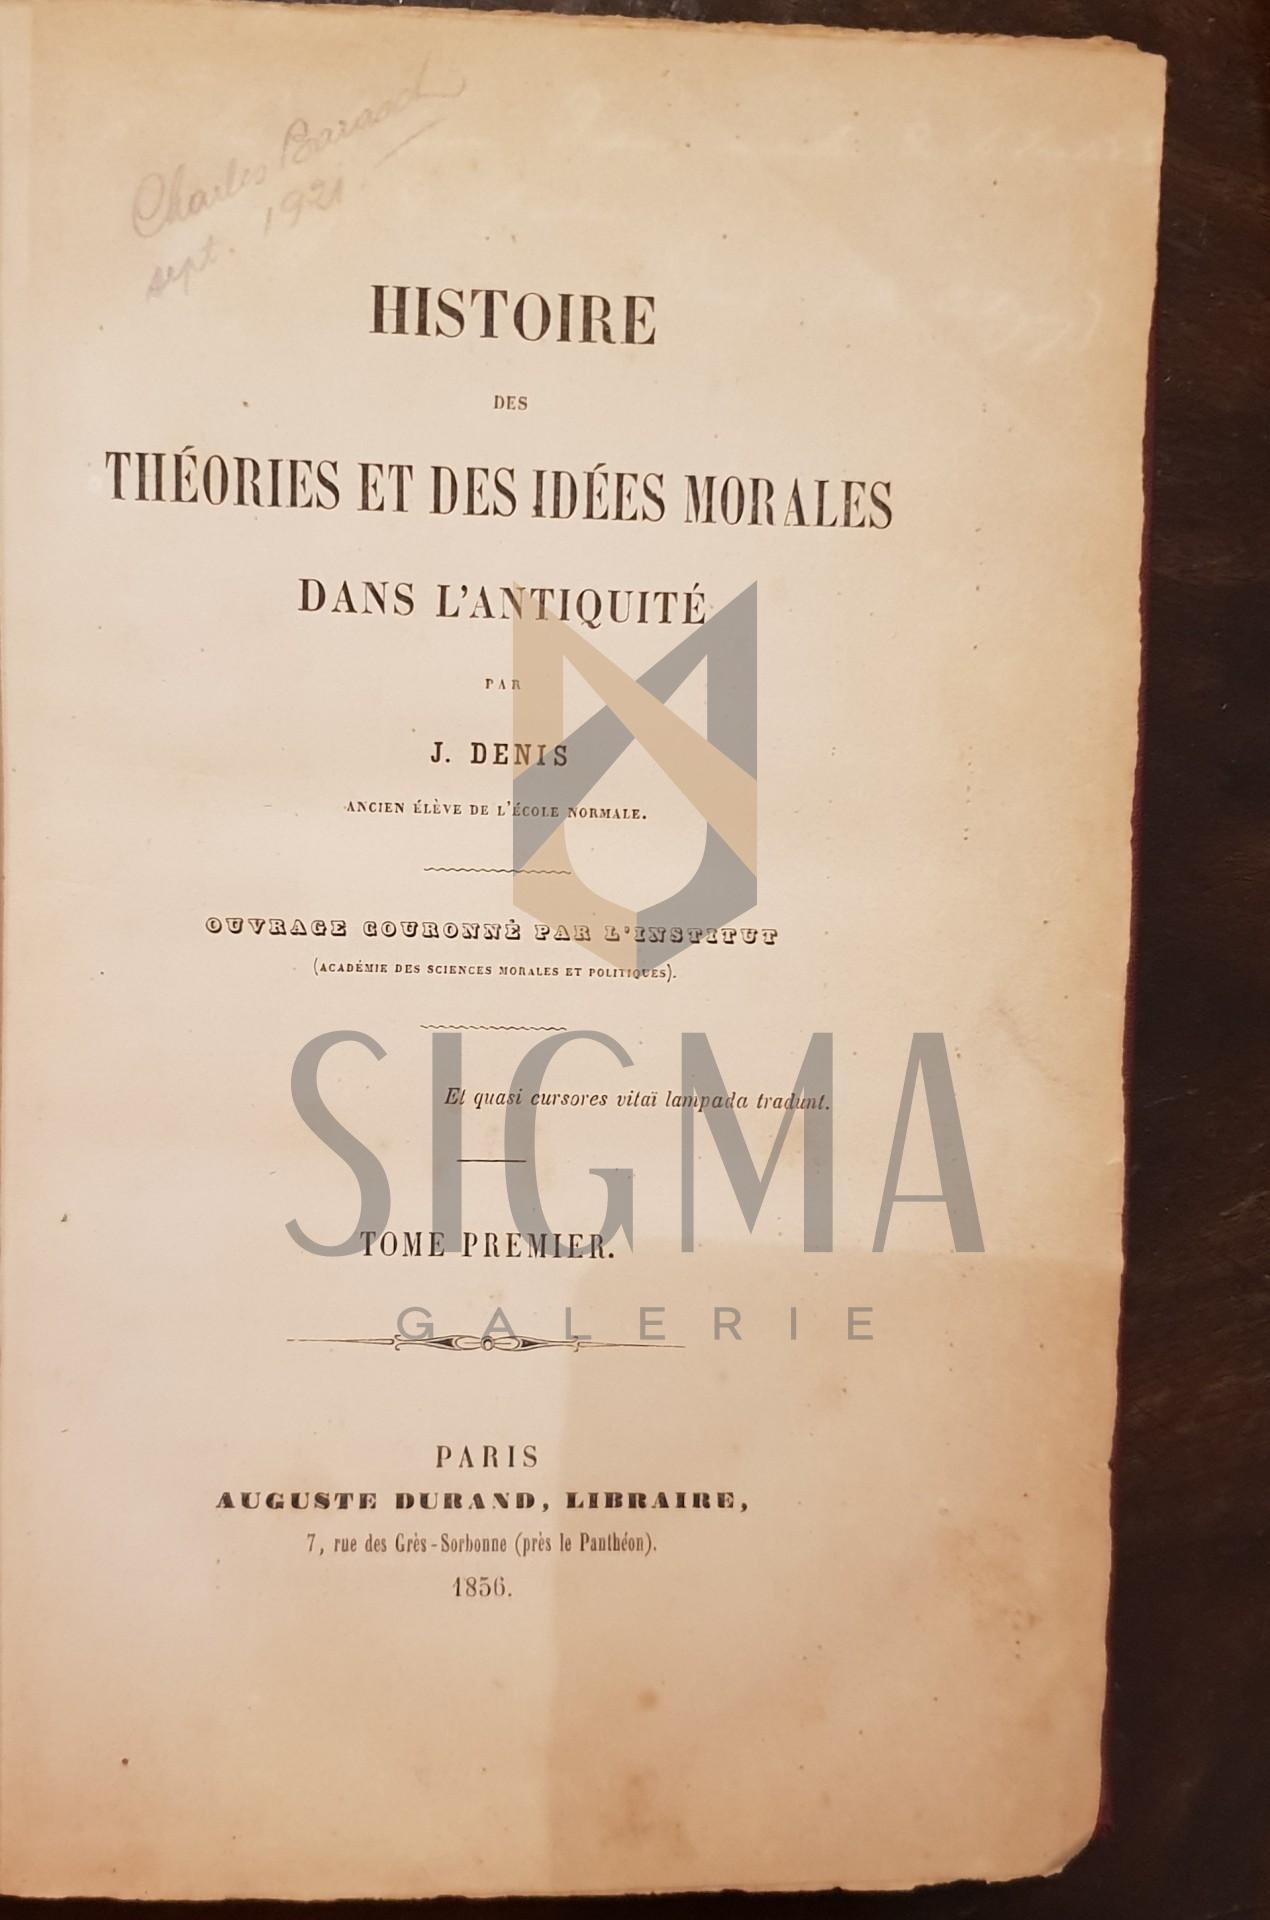 Histoire des theories et des idees morales dans l'antiquite Dedicatie!